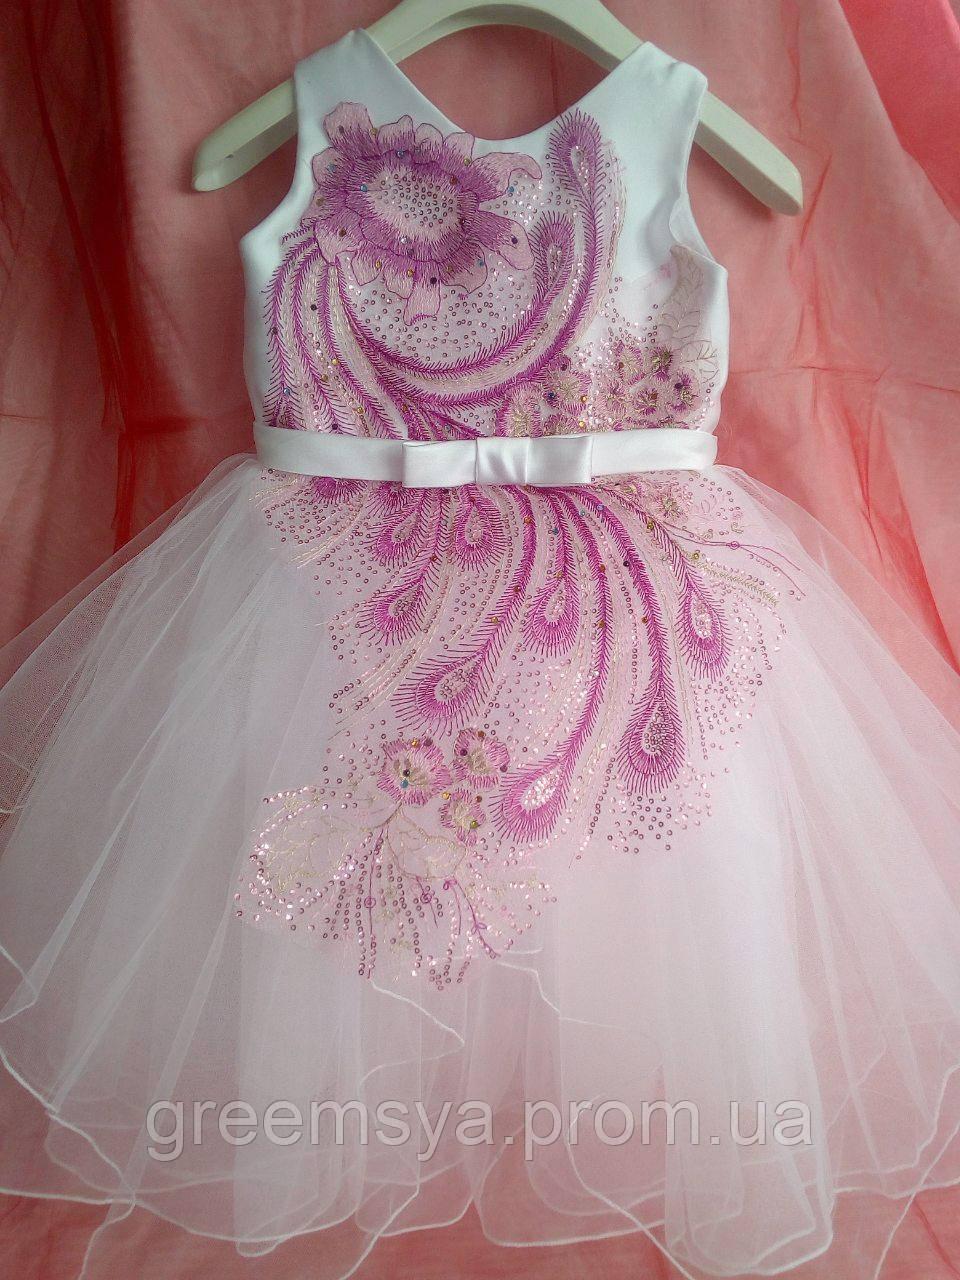 363333ef455 Нарядное платье для девочки с пышной юбкой